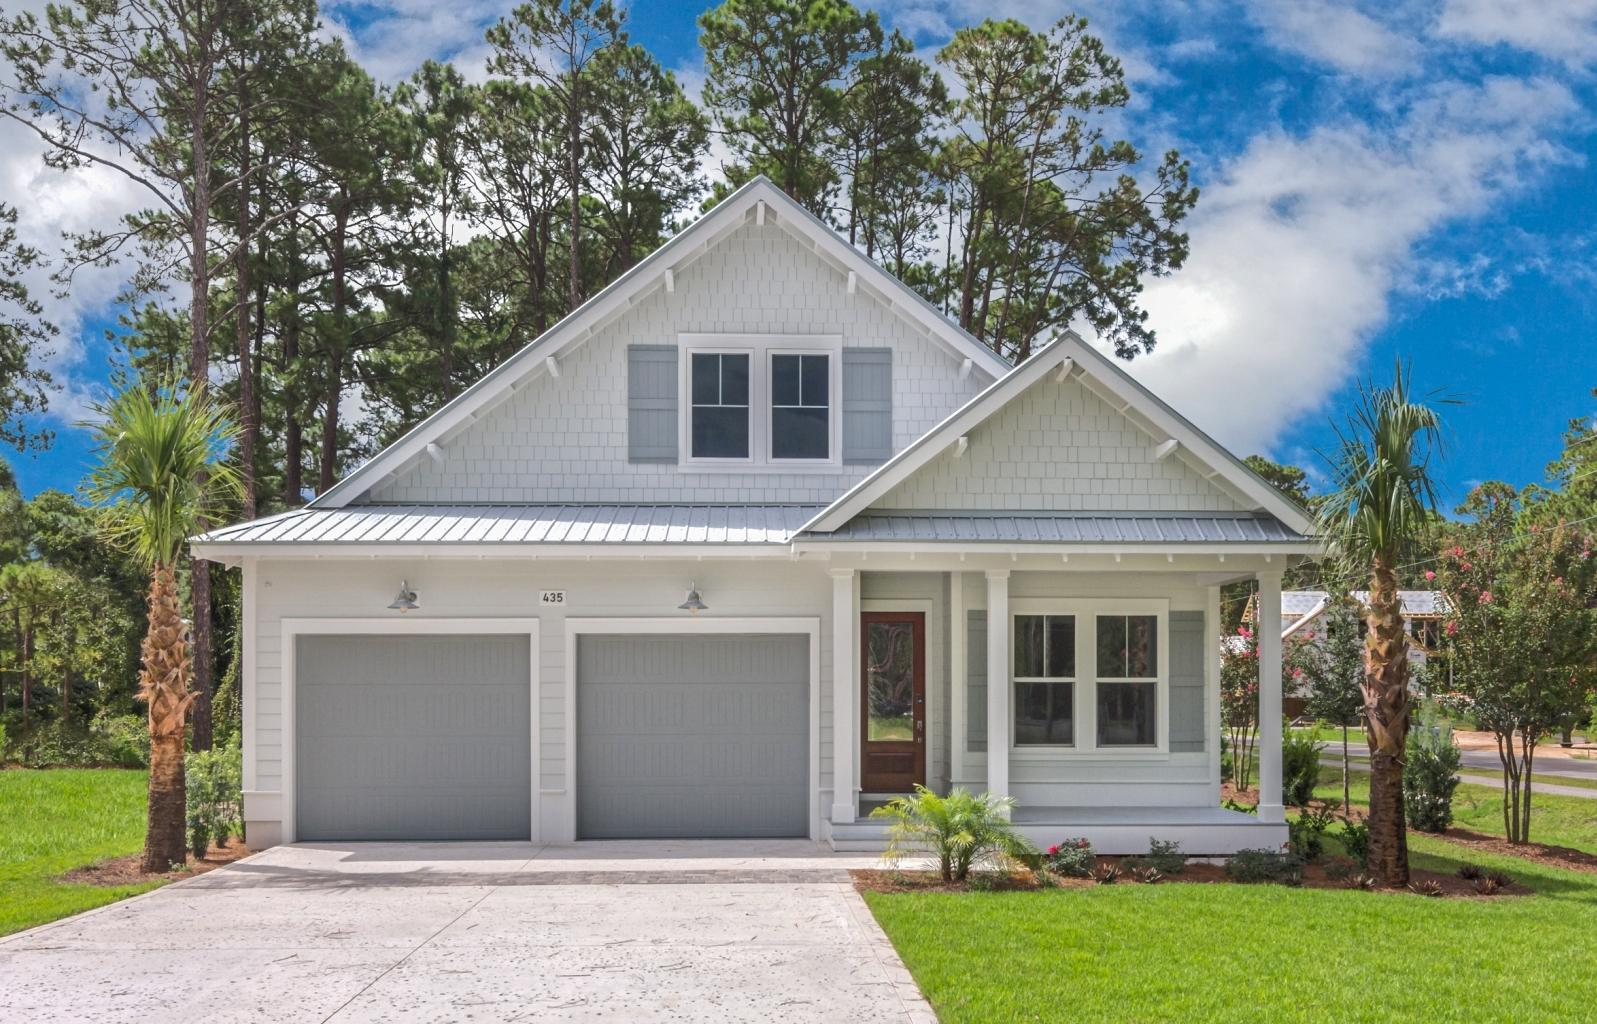 435 Hillcrest Rd, Santa Rosa Beach, FL, 32459